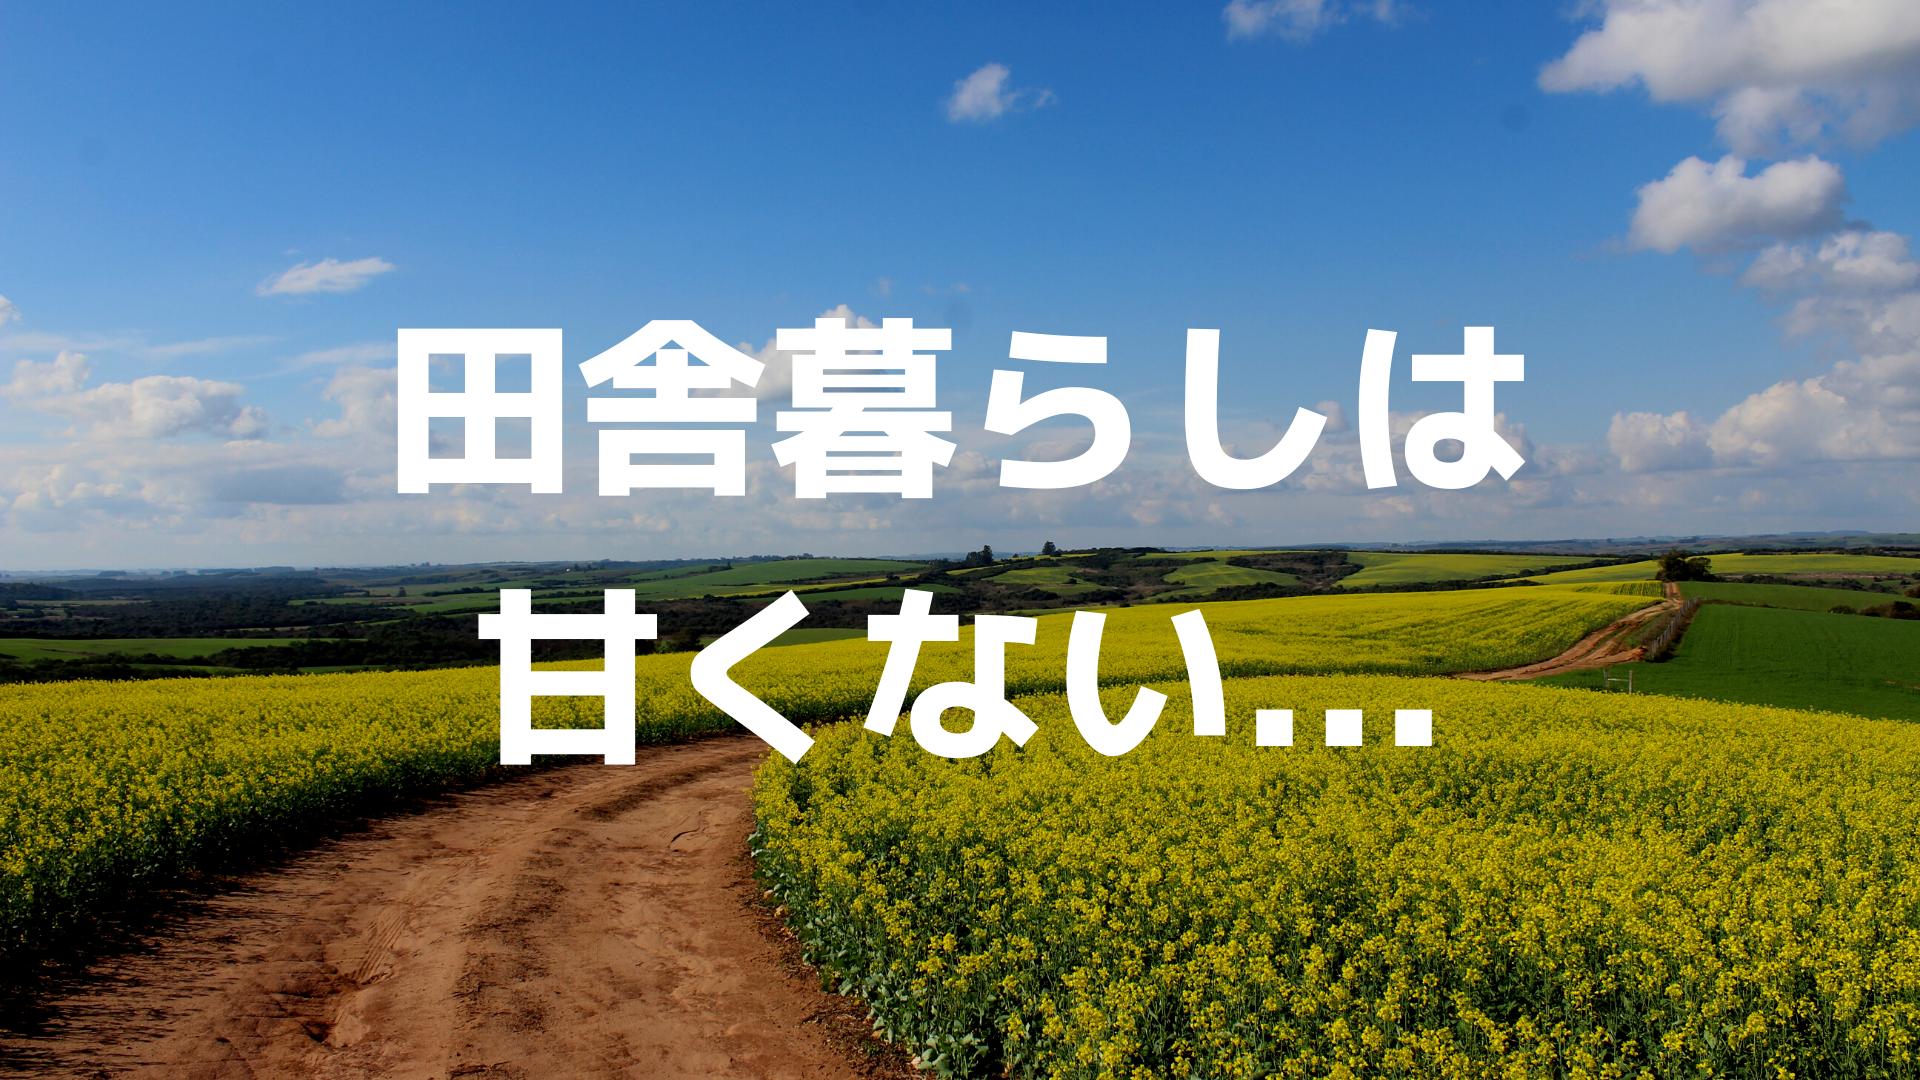 東京から田舎に戻った僕が教える、田舎で暮らすために必ず理解しておきたい3つのこと。